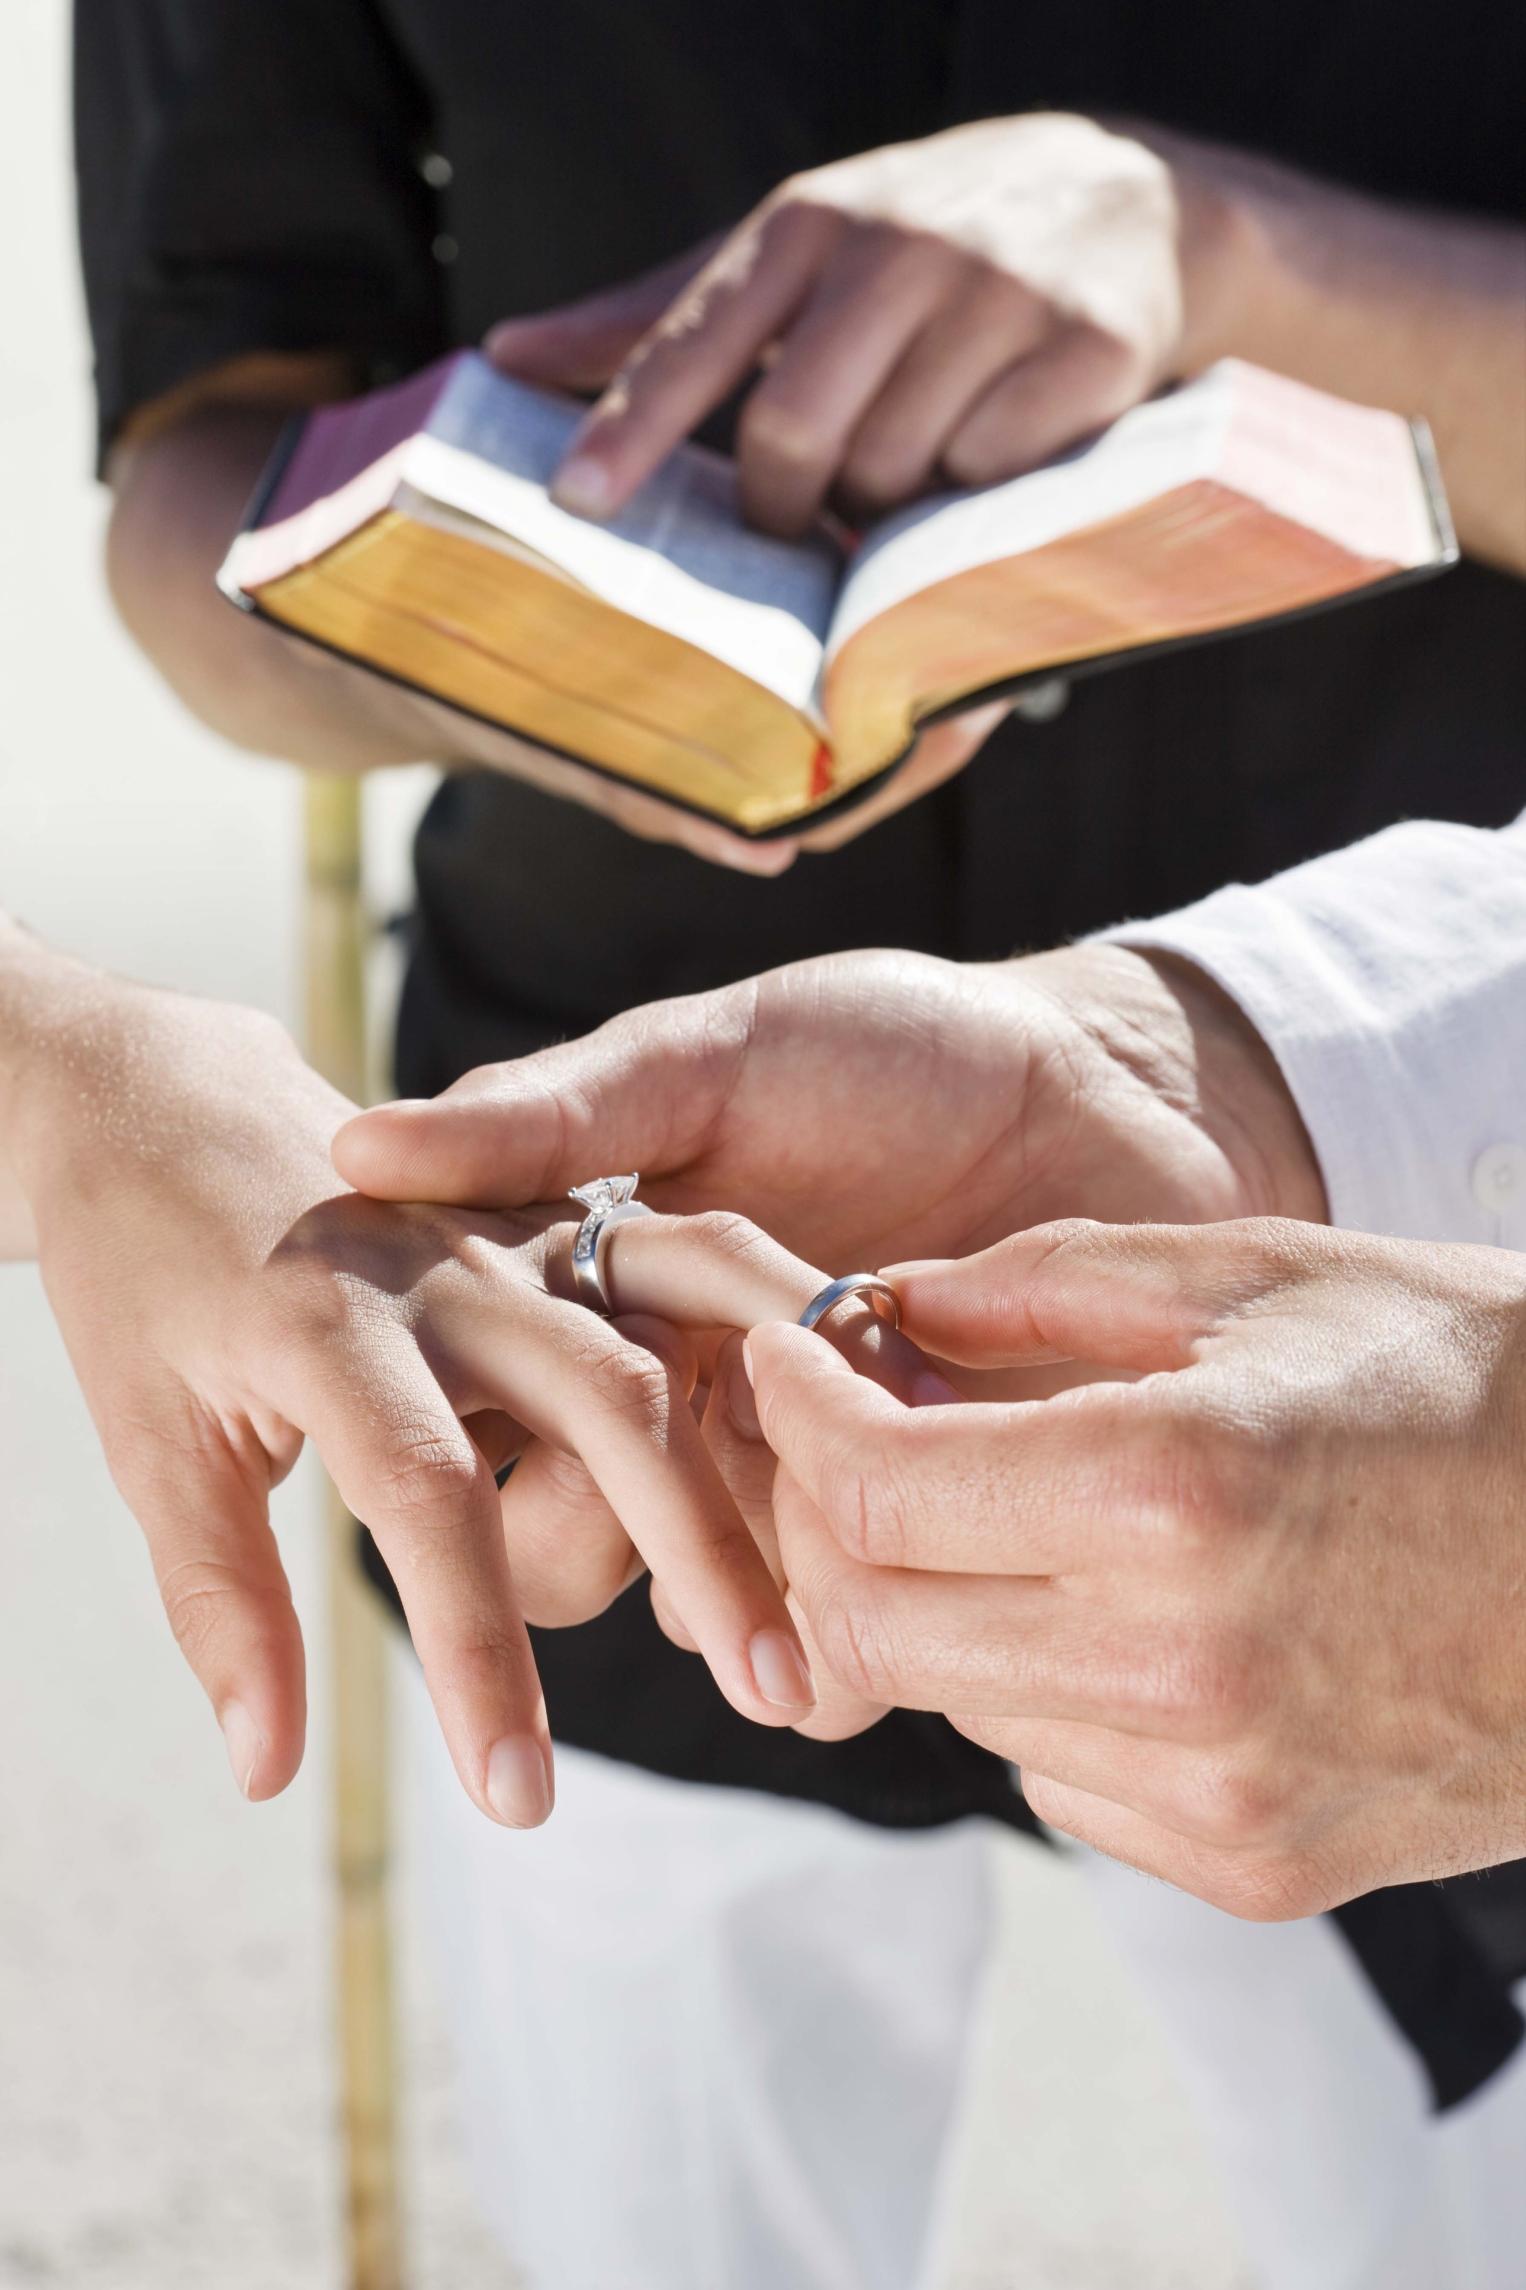 Matrimonio Segun Biblia : Versículos de la biblia sobre el matrimonio entre un hombre y una mujer